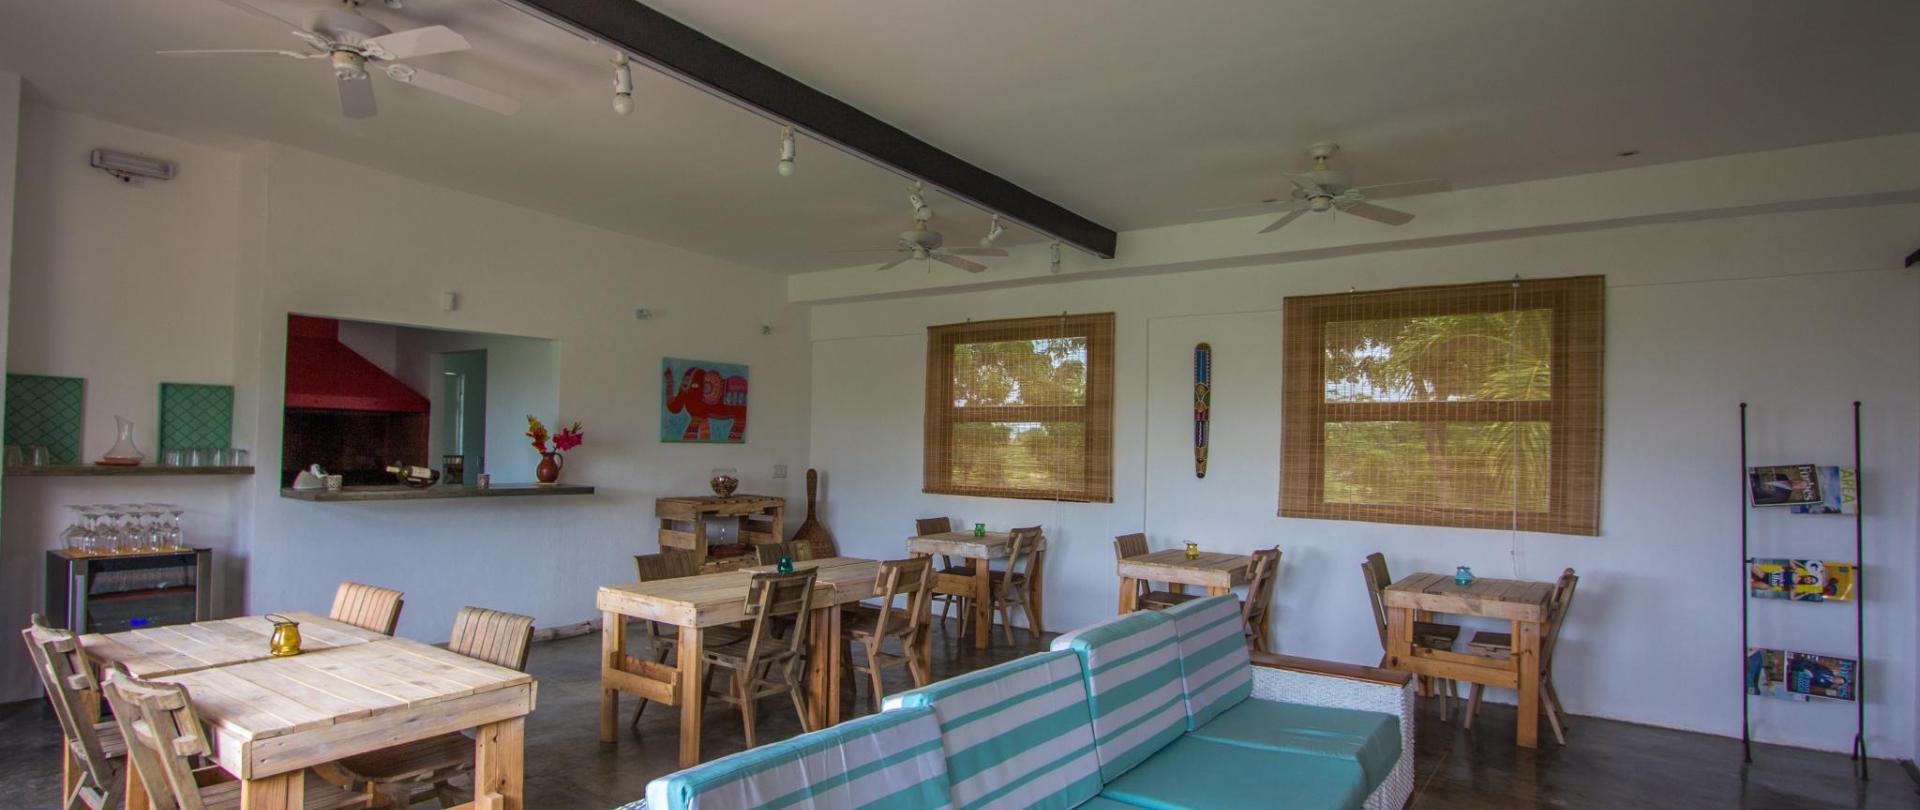 Arganama Guesthouse